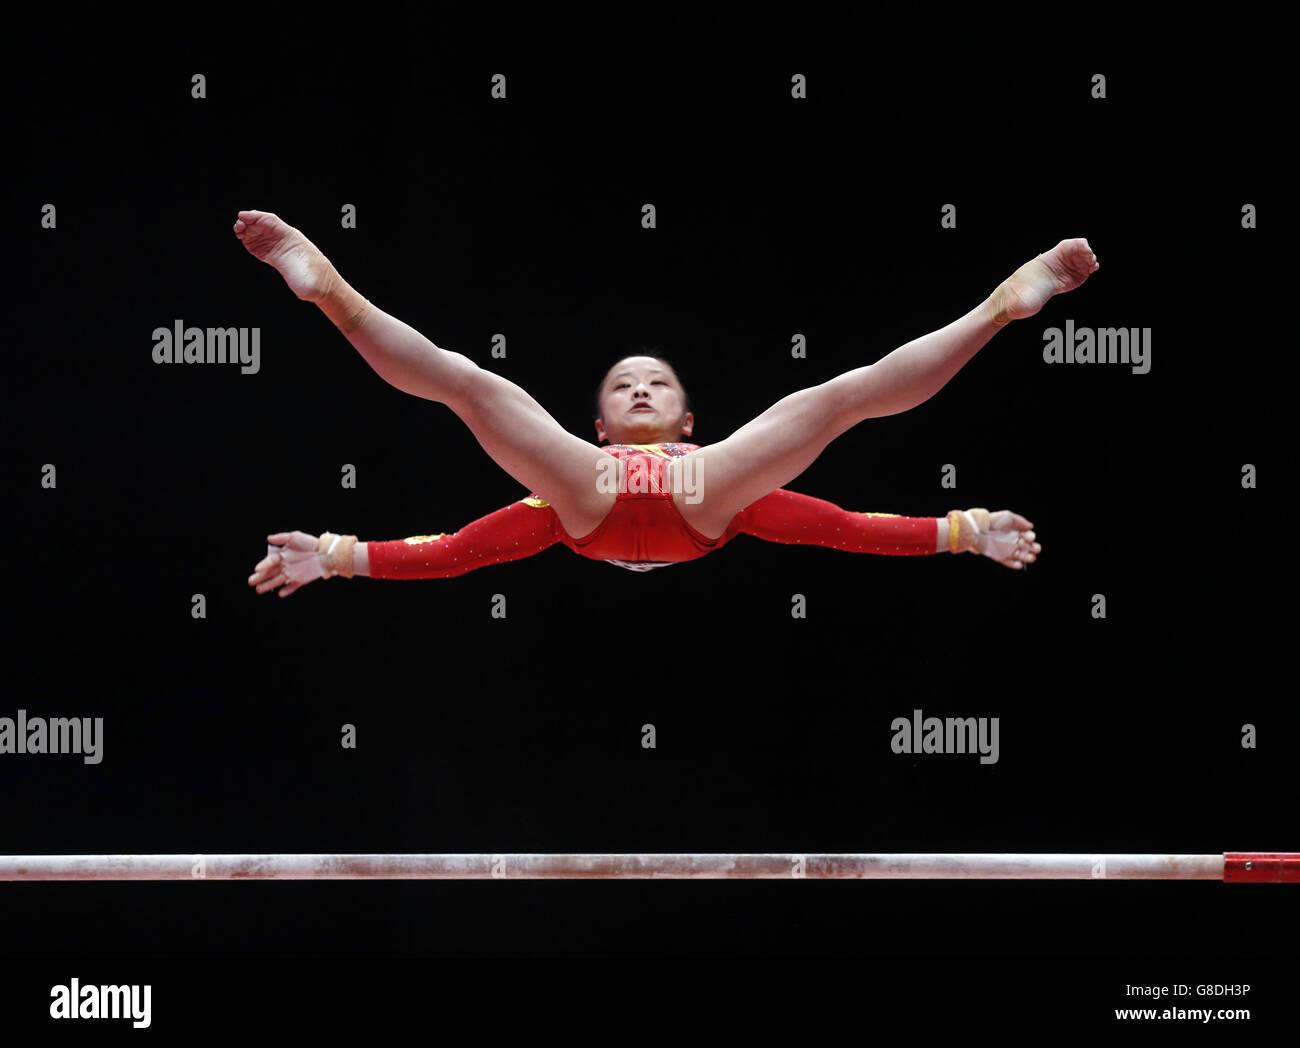 - Championnats du monde de gymnastique 2015 - Jour cinq - l'ESS Hydro Photo Stock